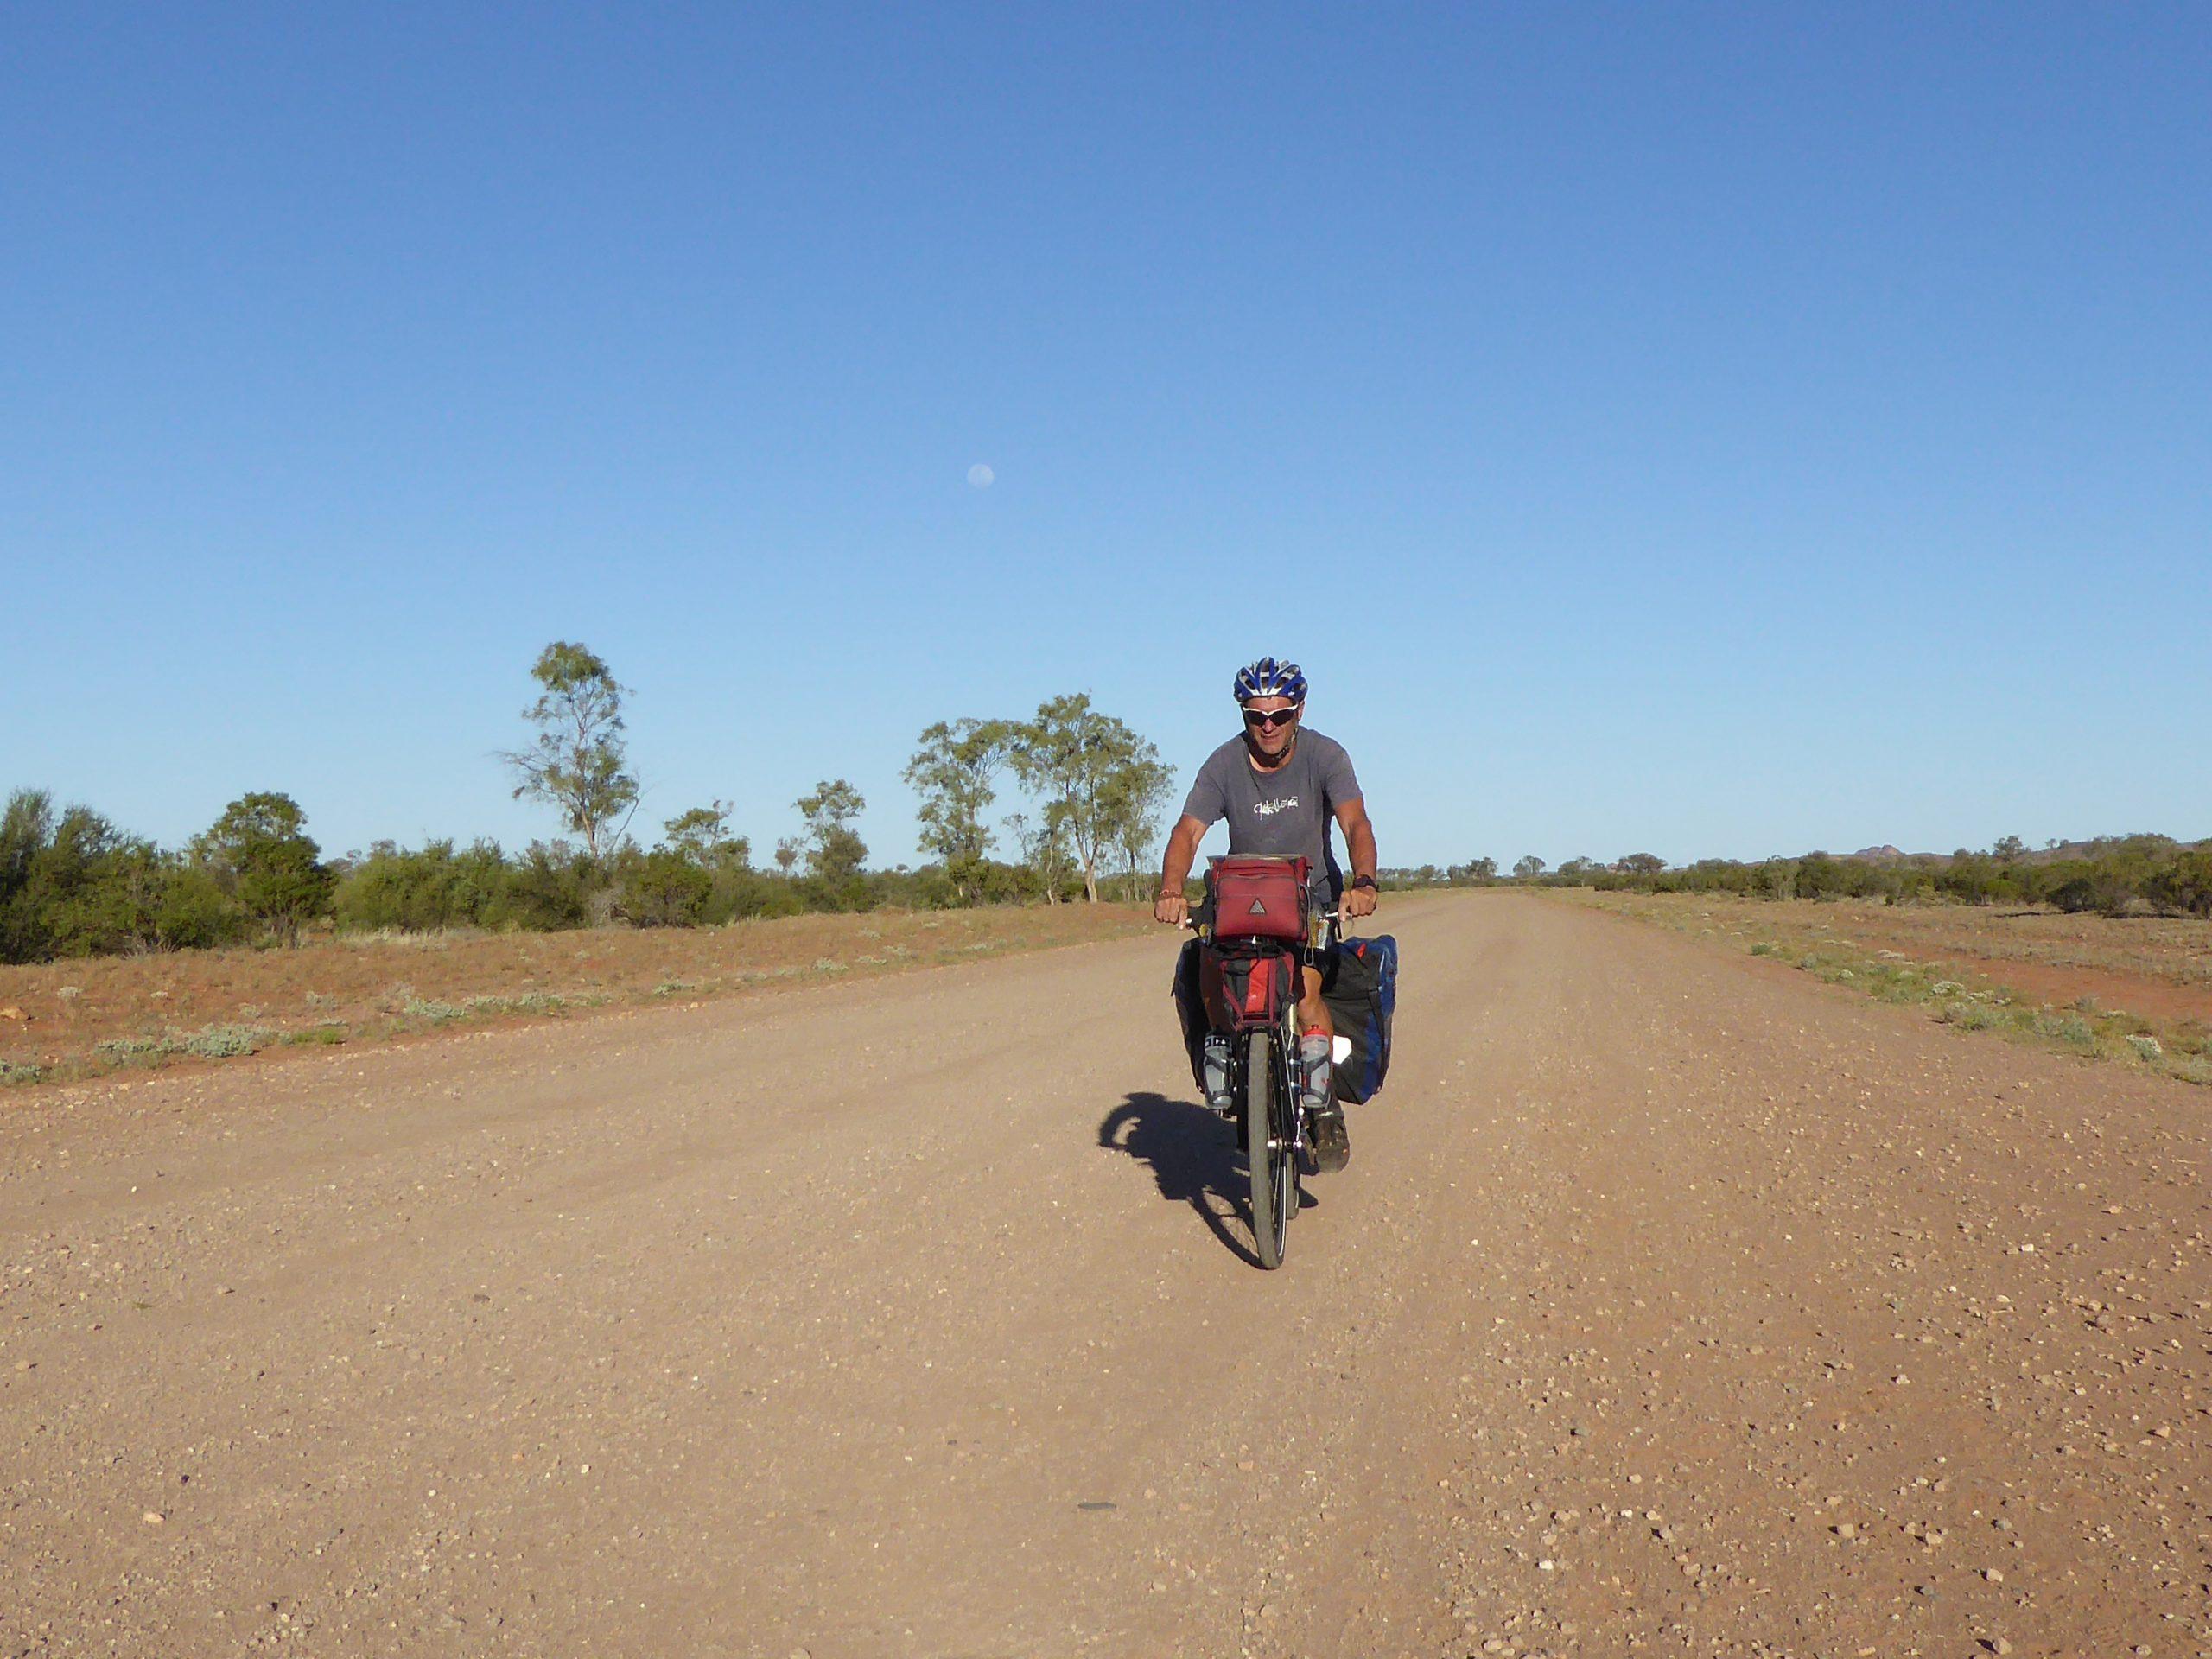 Radreise Australien 2016 - Ernest Gilles Road